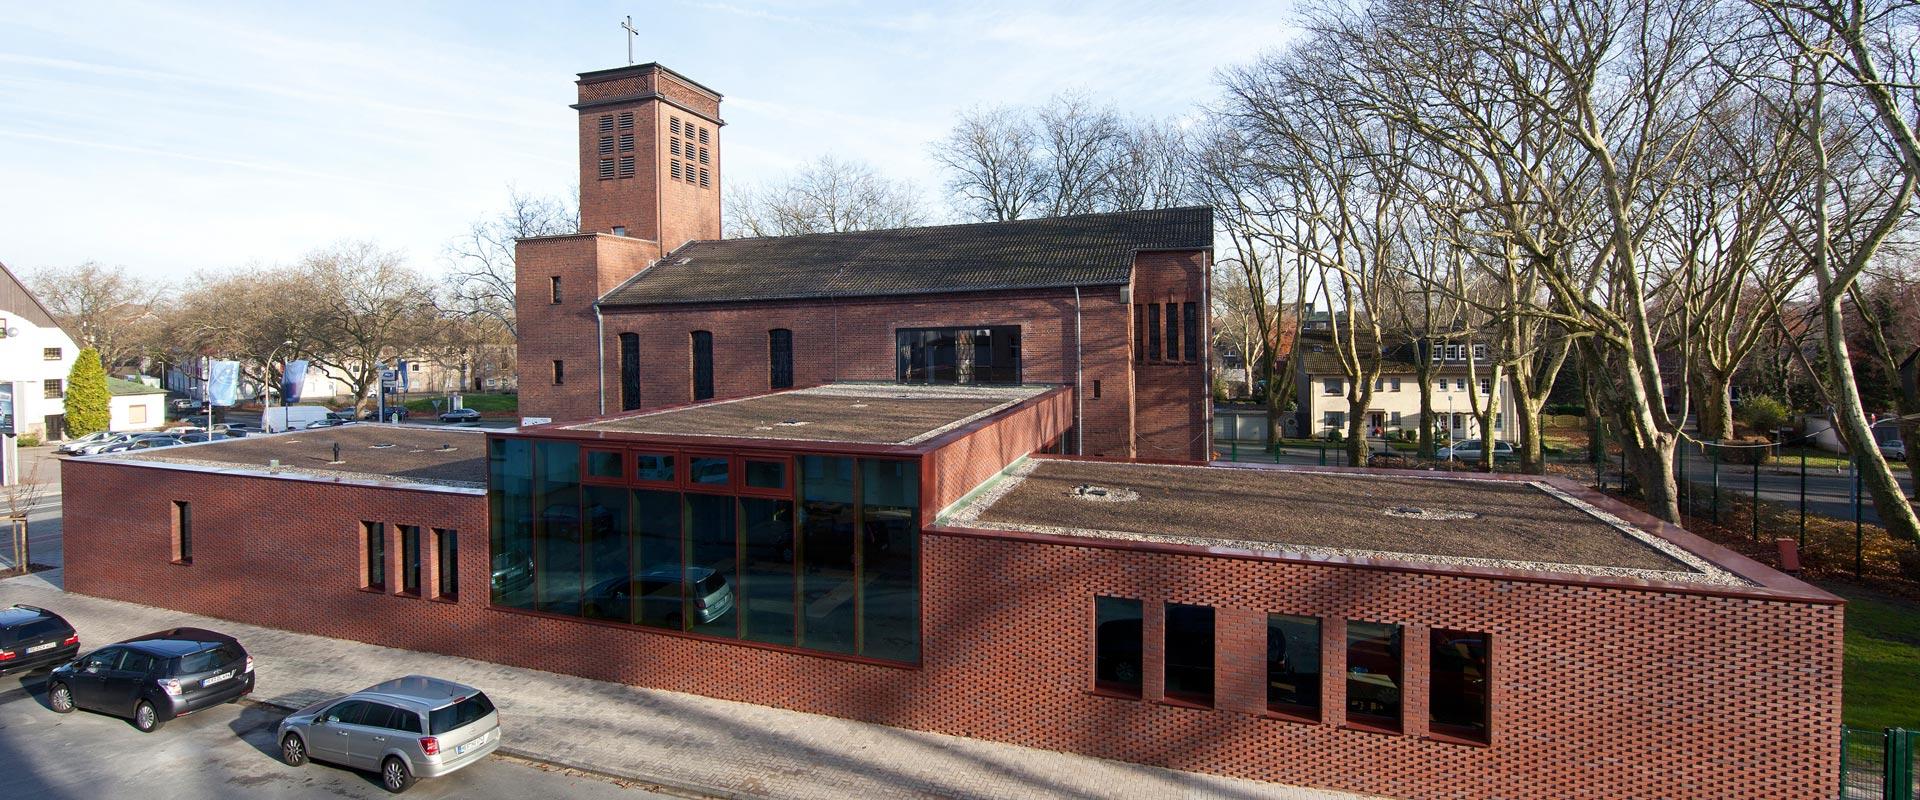 bathe+reber_gemeindehaus_zion021